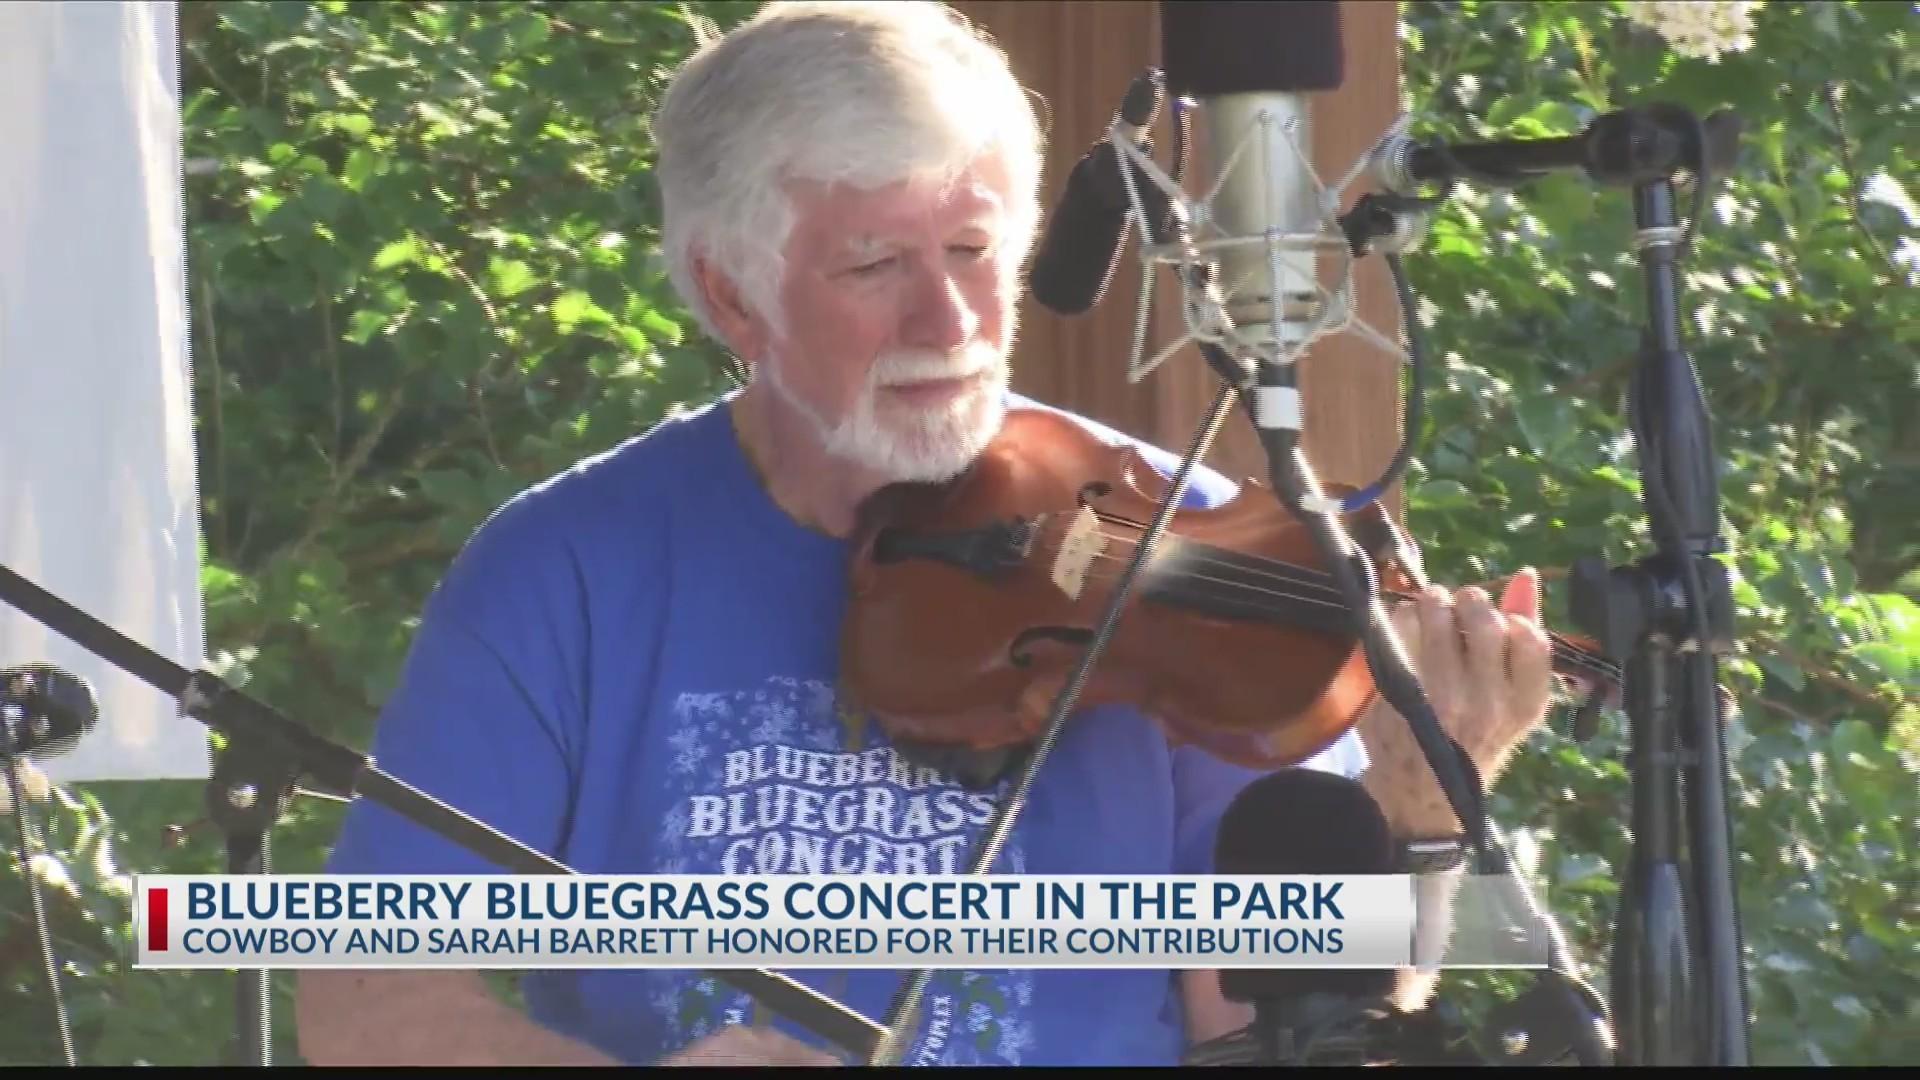 Blueberry bluegrass concert